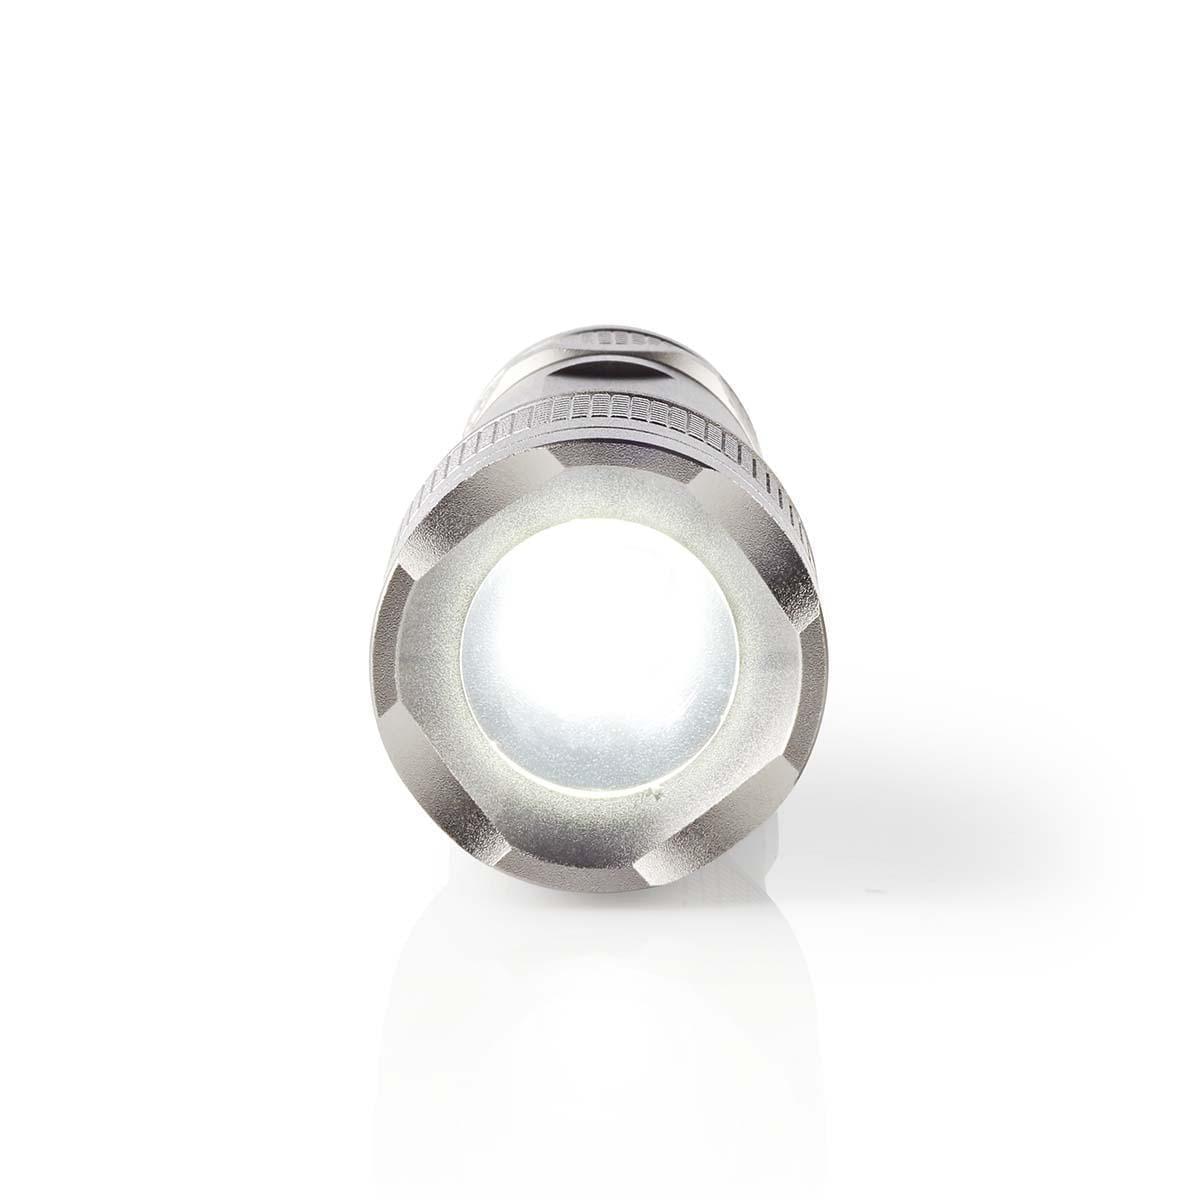 Torcia a LED | 5 W | 330 lm | IPX5